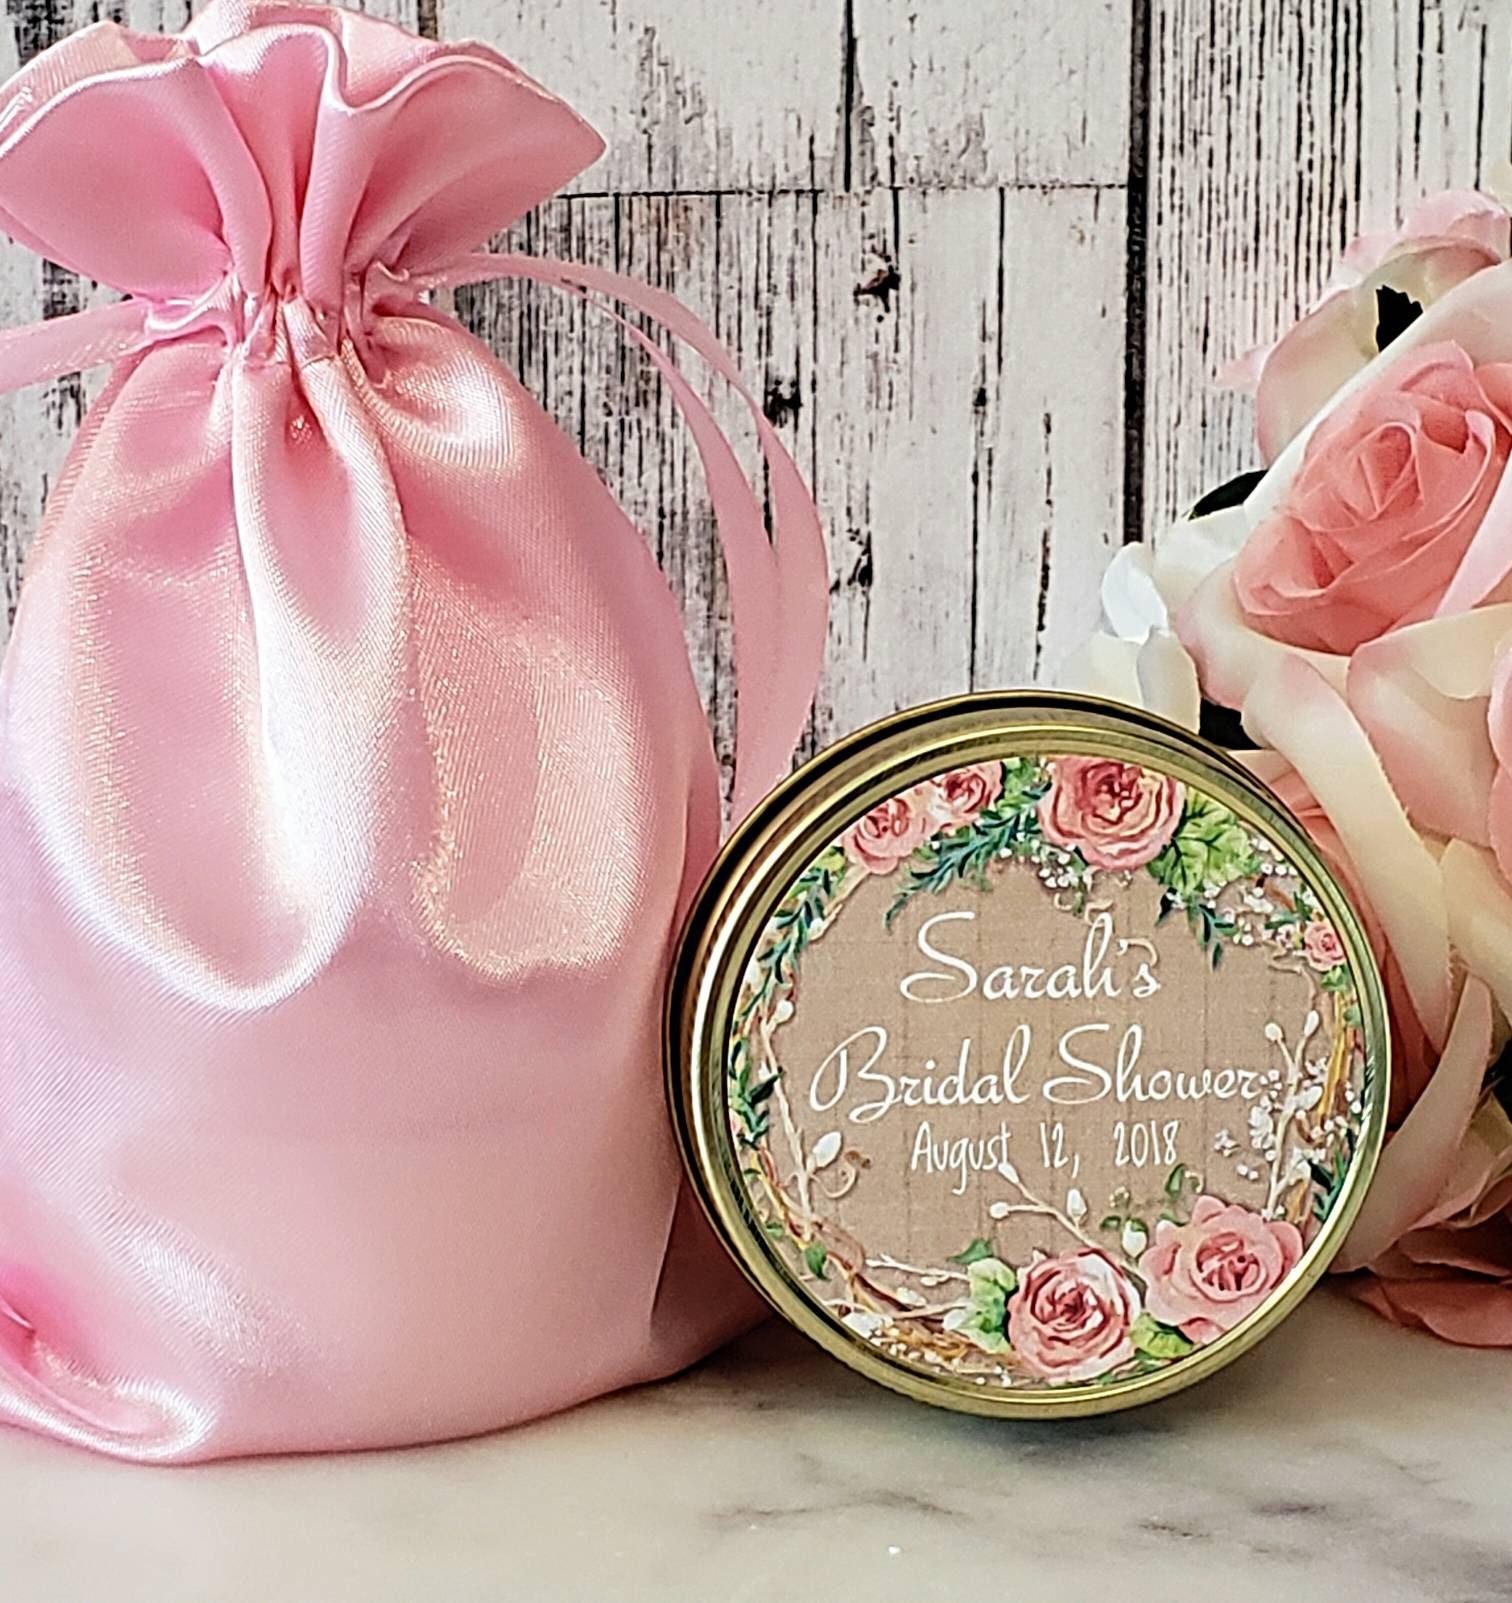 12 Bridal Shower Favors Candles - Bridal Shower Candles - Bridal ...